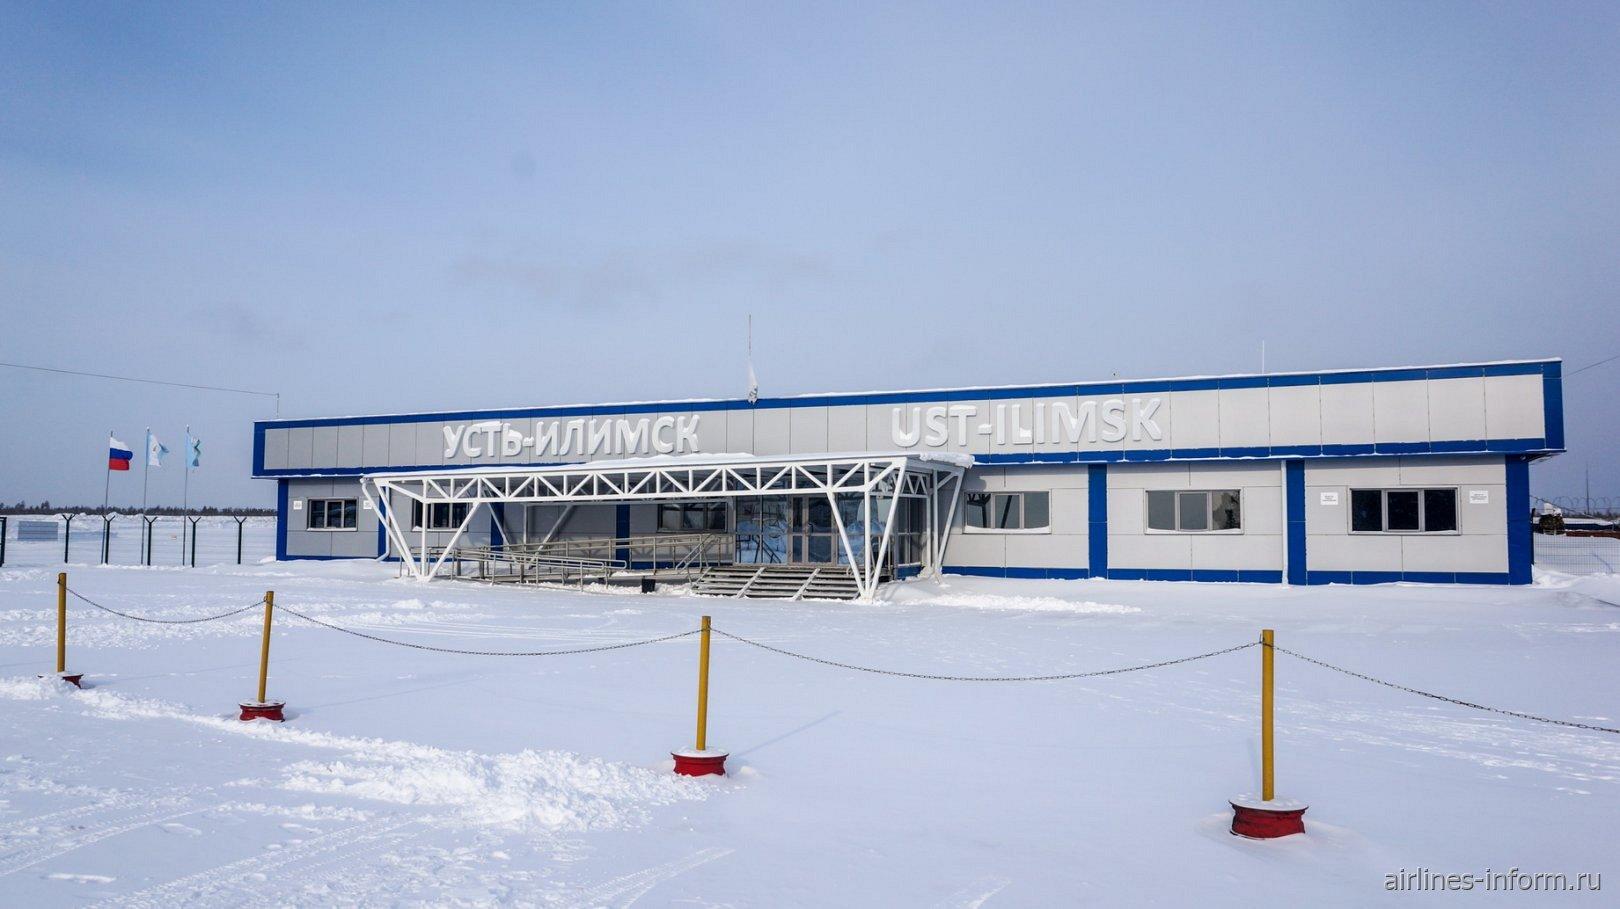 Вид на пассажирский терминал аэропорта Усть-Илимск со стороны привокзальной площади